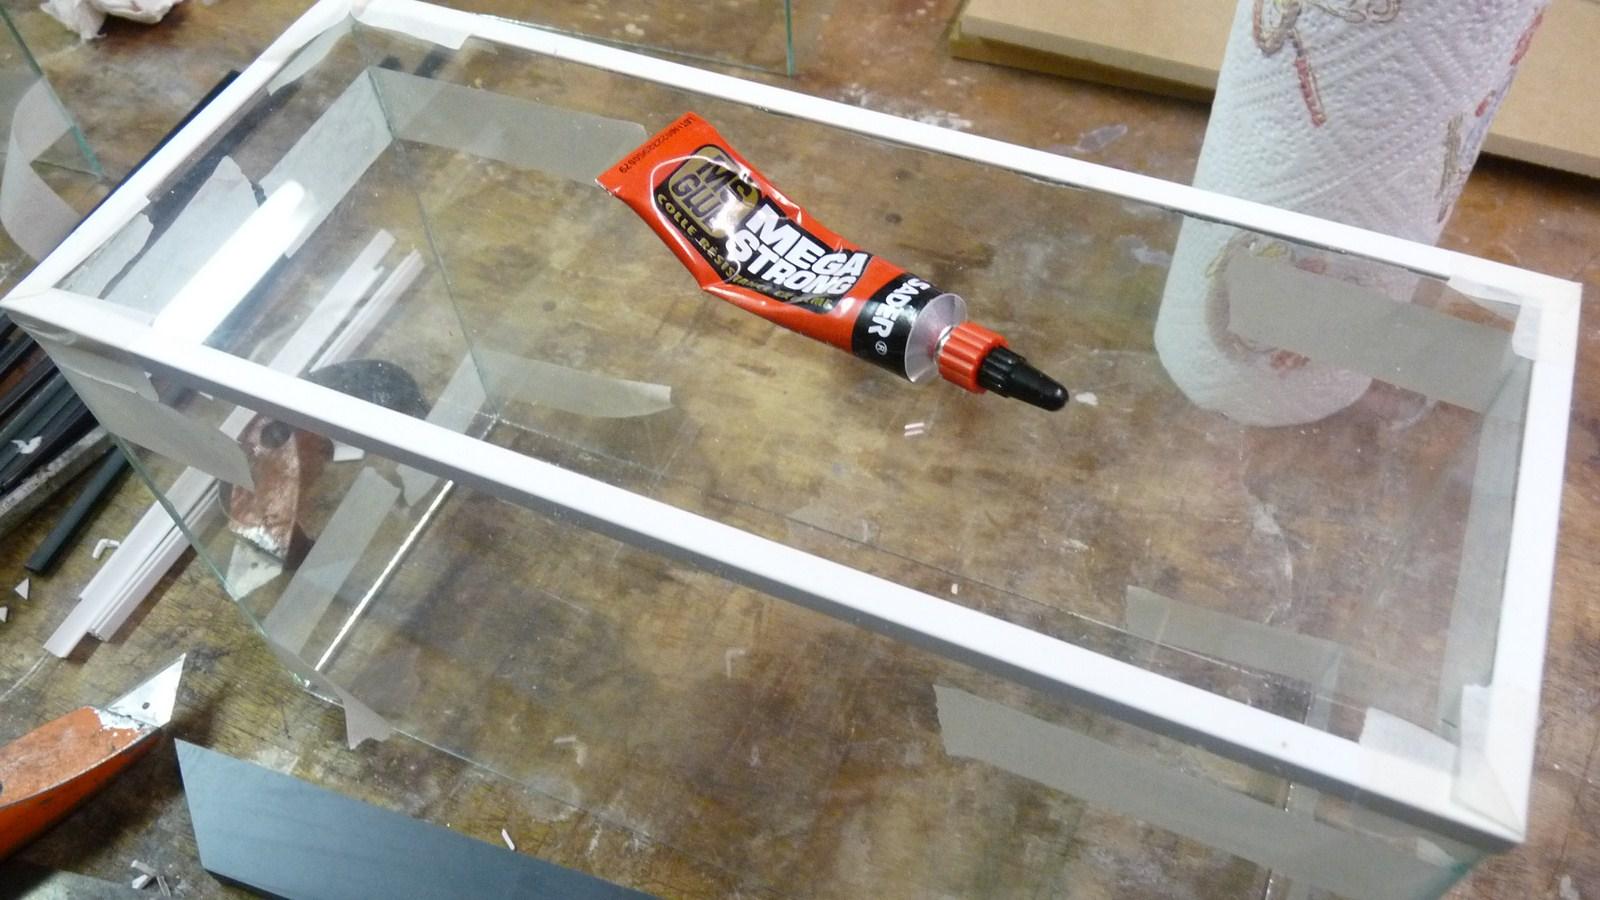 fabriquer une vitrine - Fabriquer ses propres vitrines en verre 17071907265623134915156554